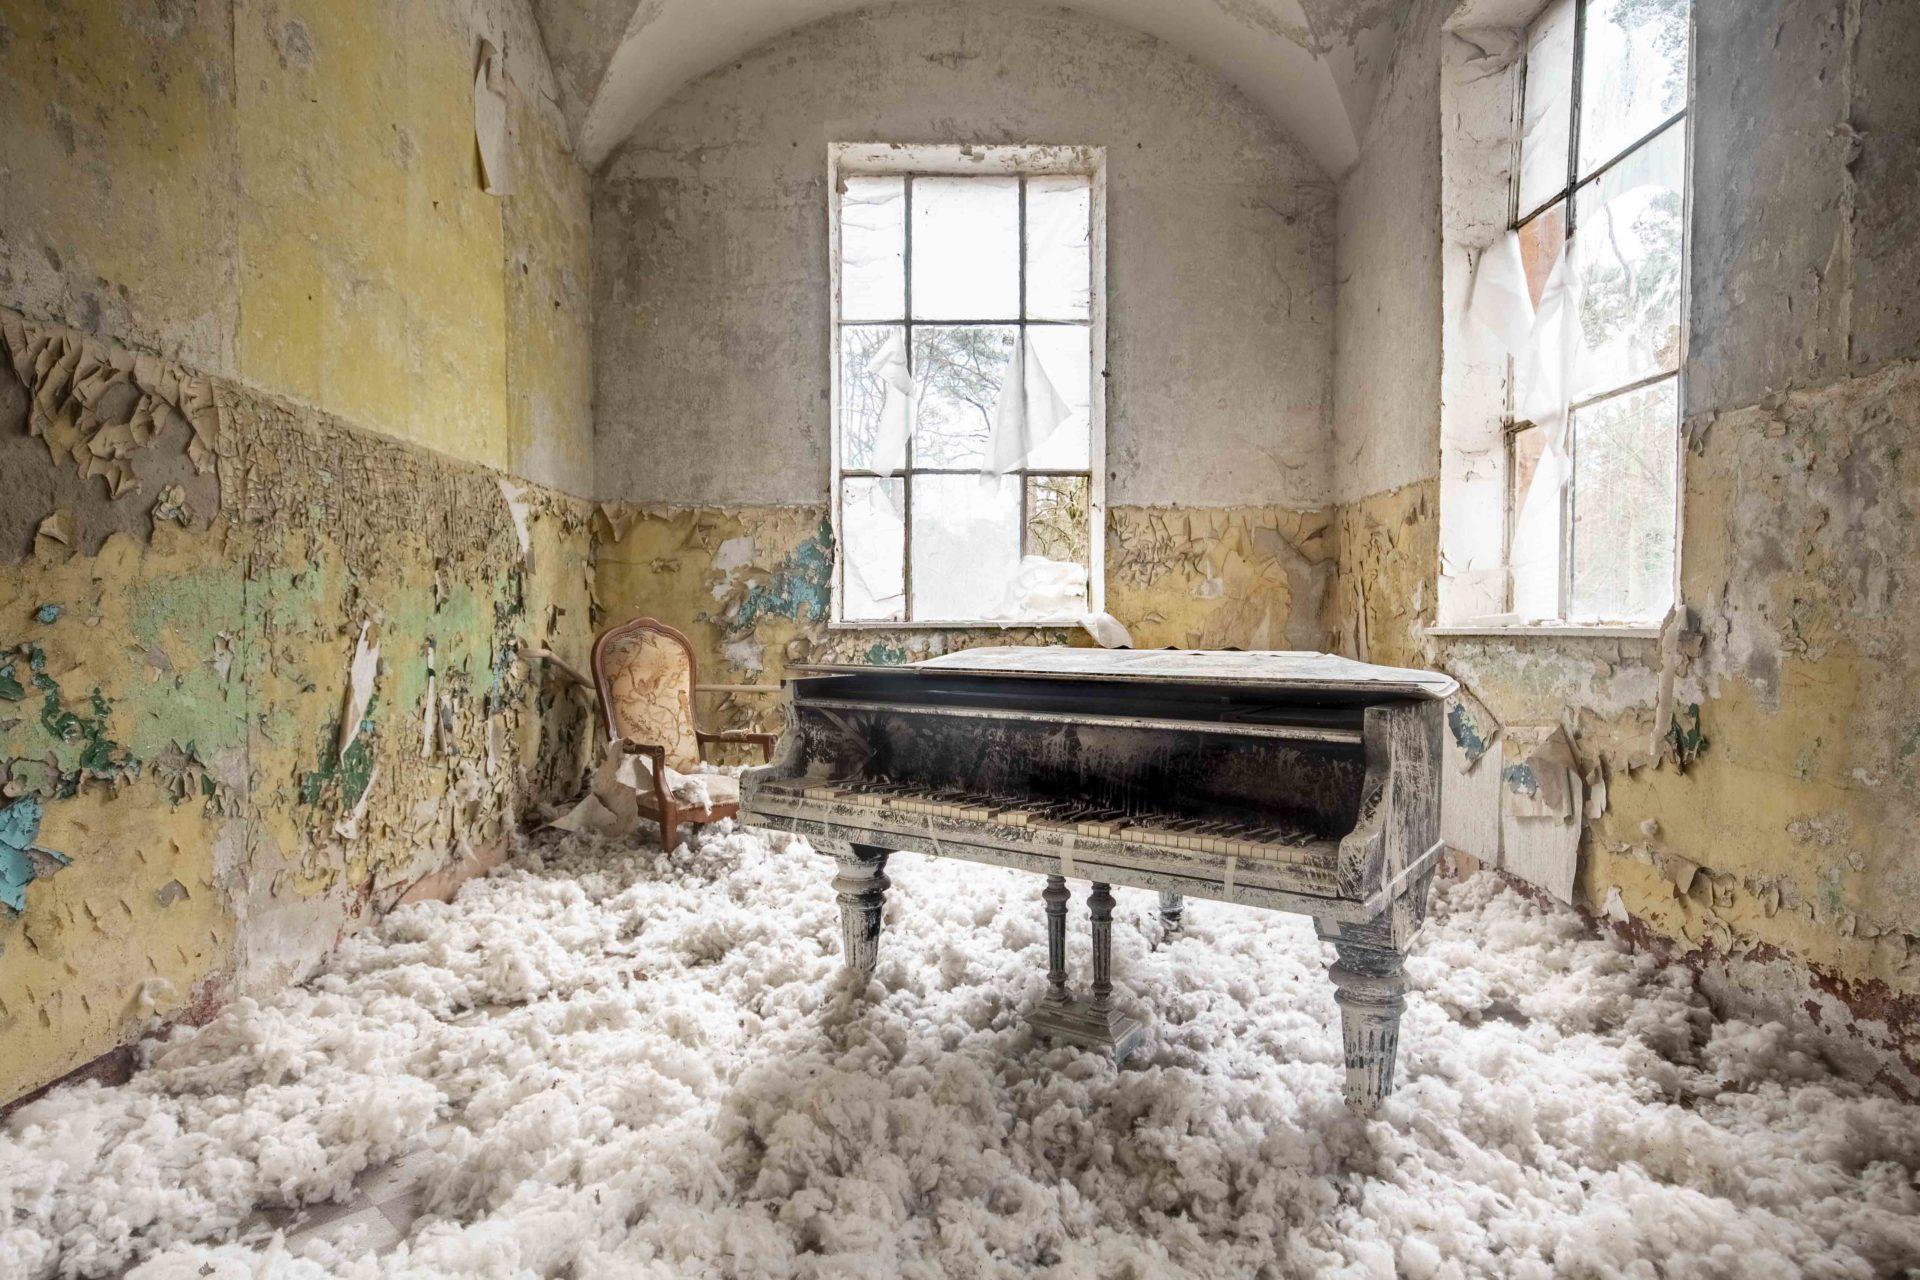 Requiem pour pianos 4 | Serie Requiem pour pianos | Romain Thiery | Germany